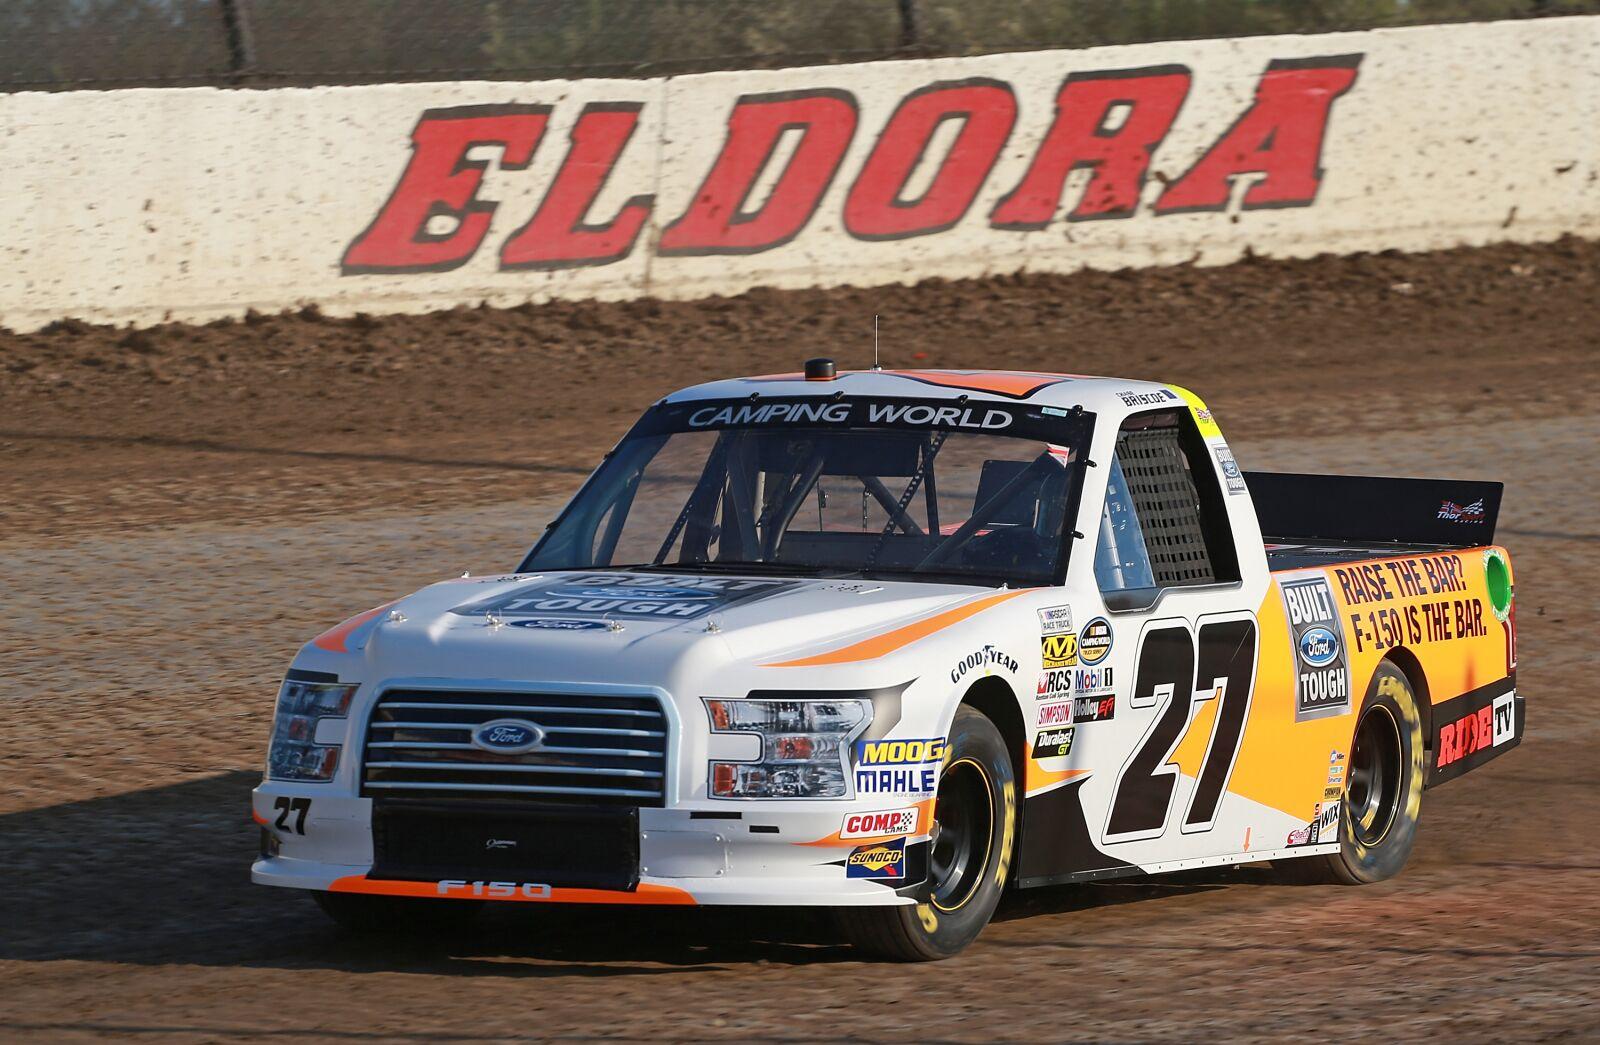 Nascar Truck Series Chase Briscoe Wins 2018 Eldora Dirt Derby